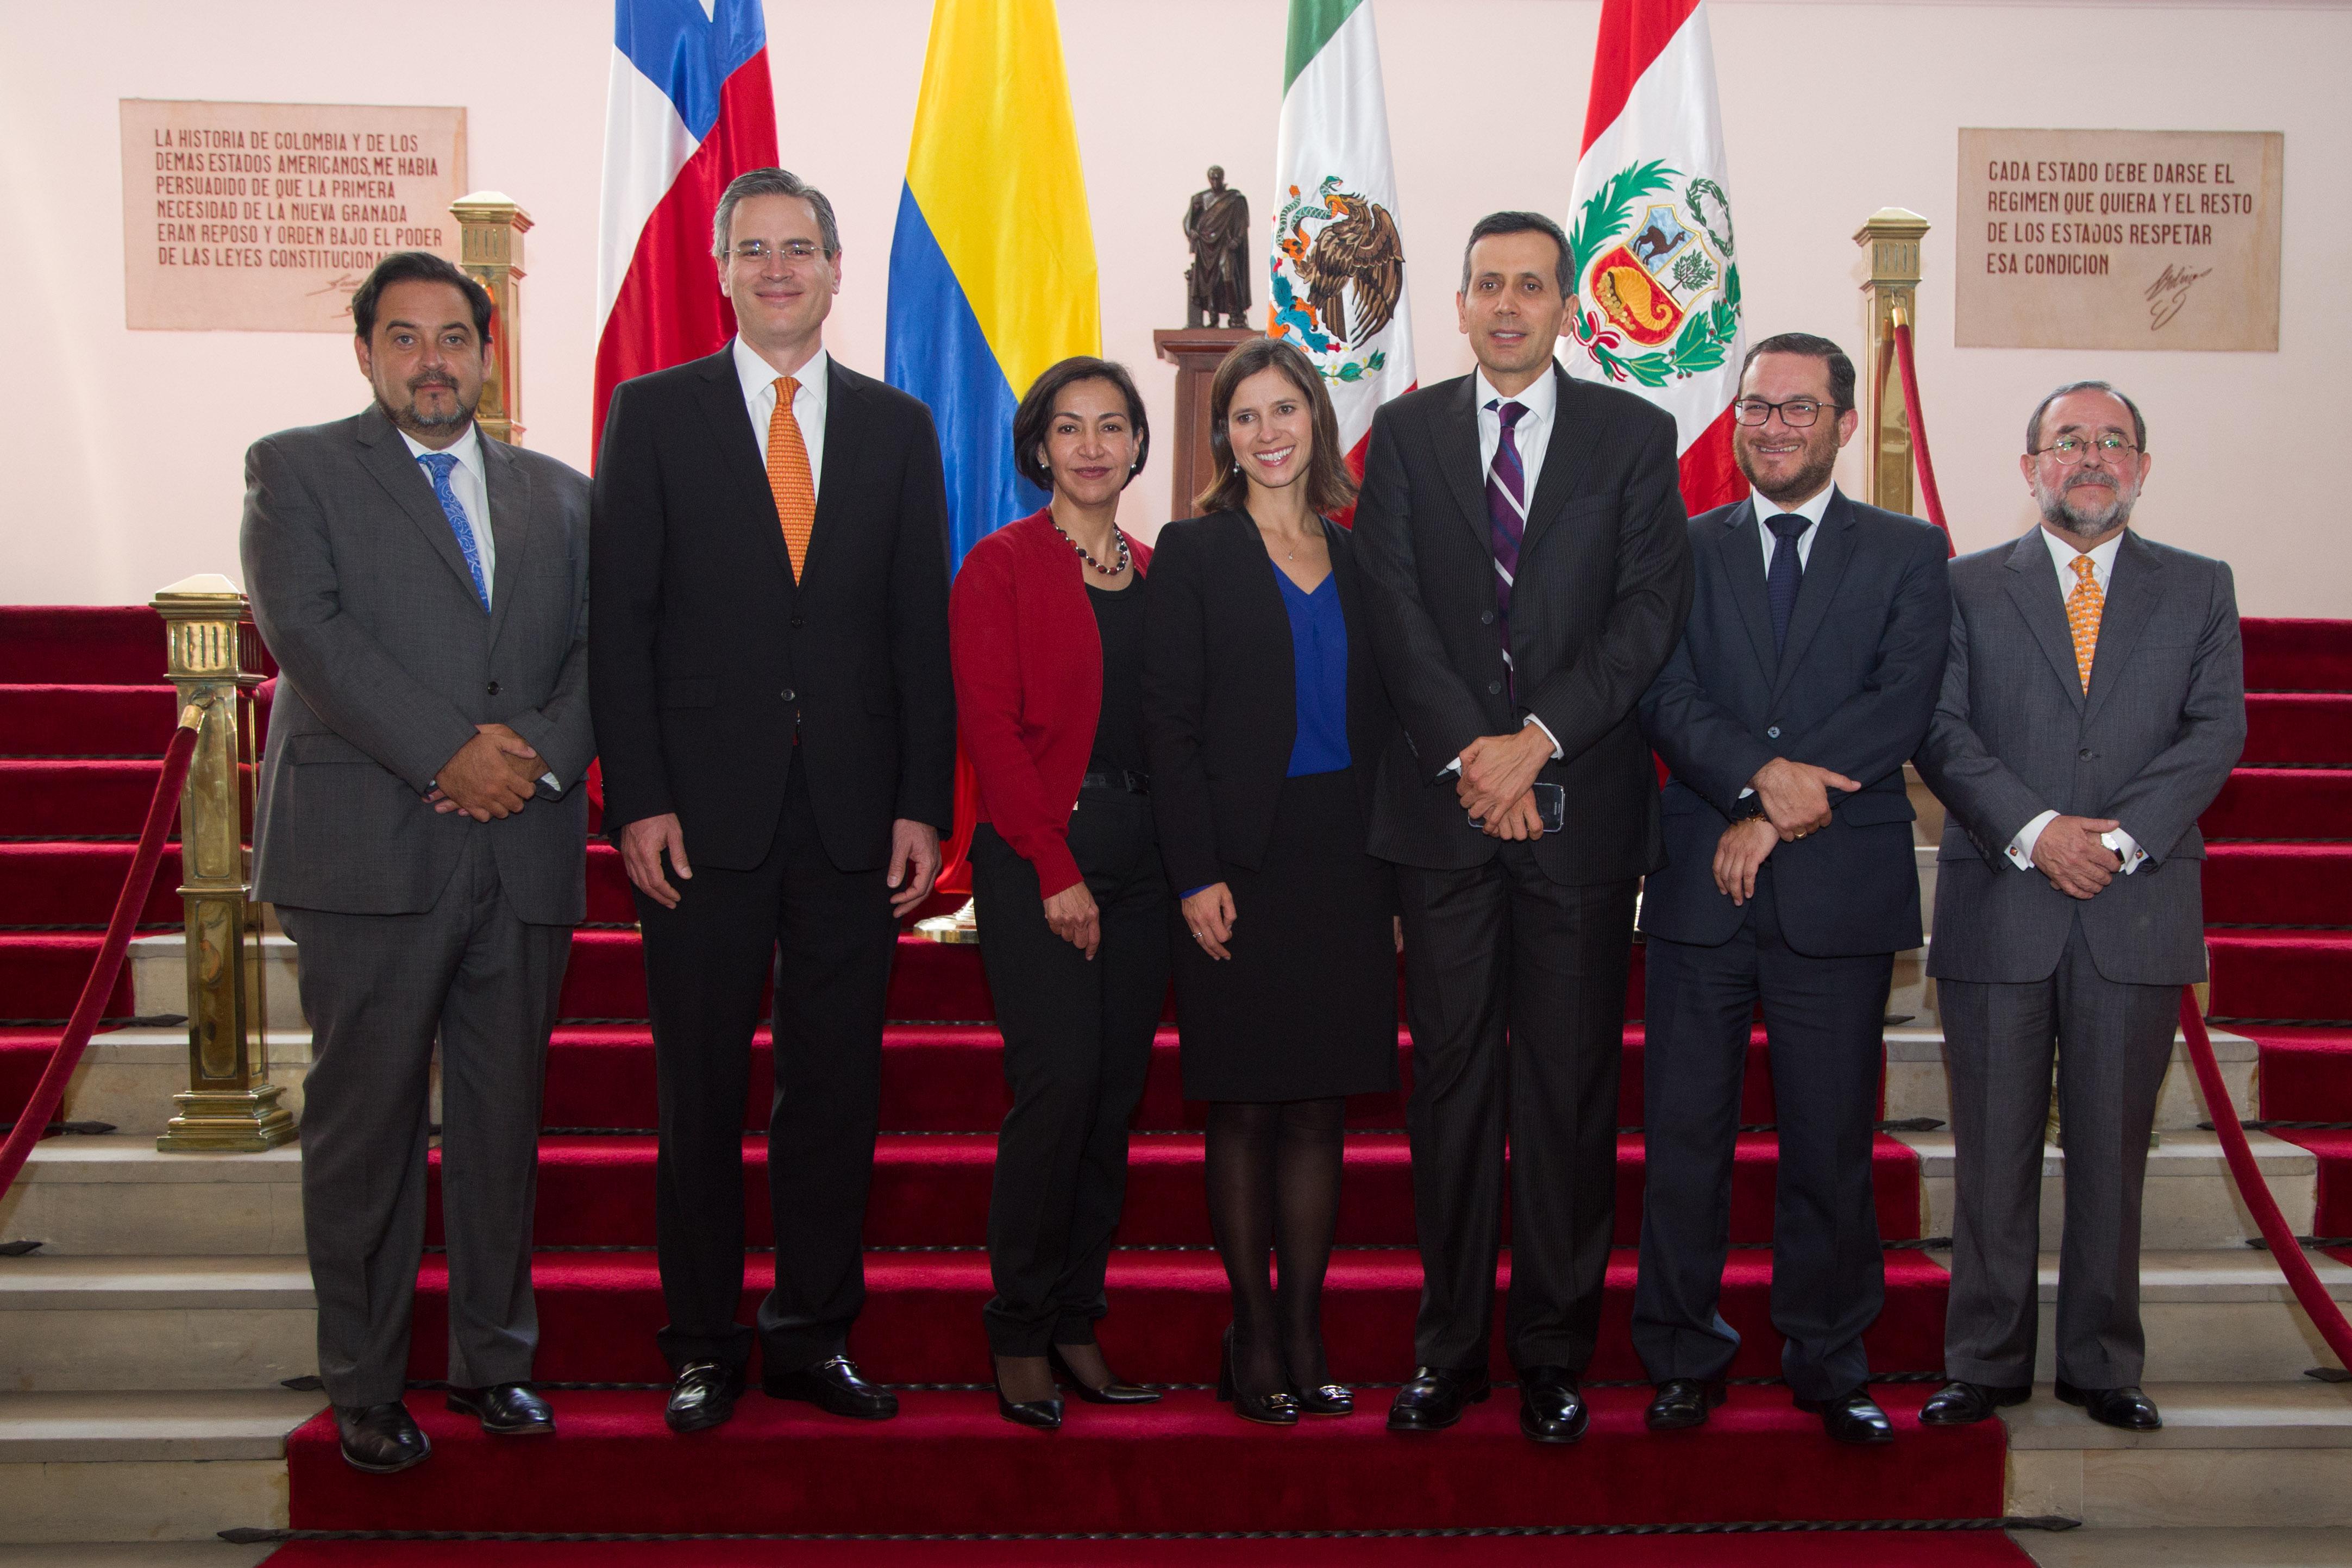 FOTO 1 Se realiz  en Bogot  la XXXIII reuni n de Viceministros de la Alianza del Pac ficojpg